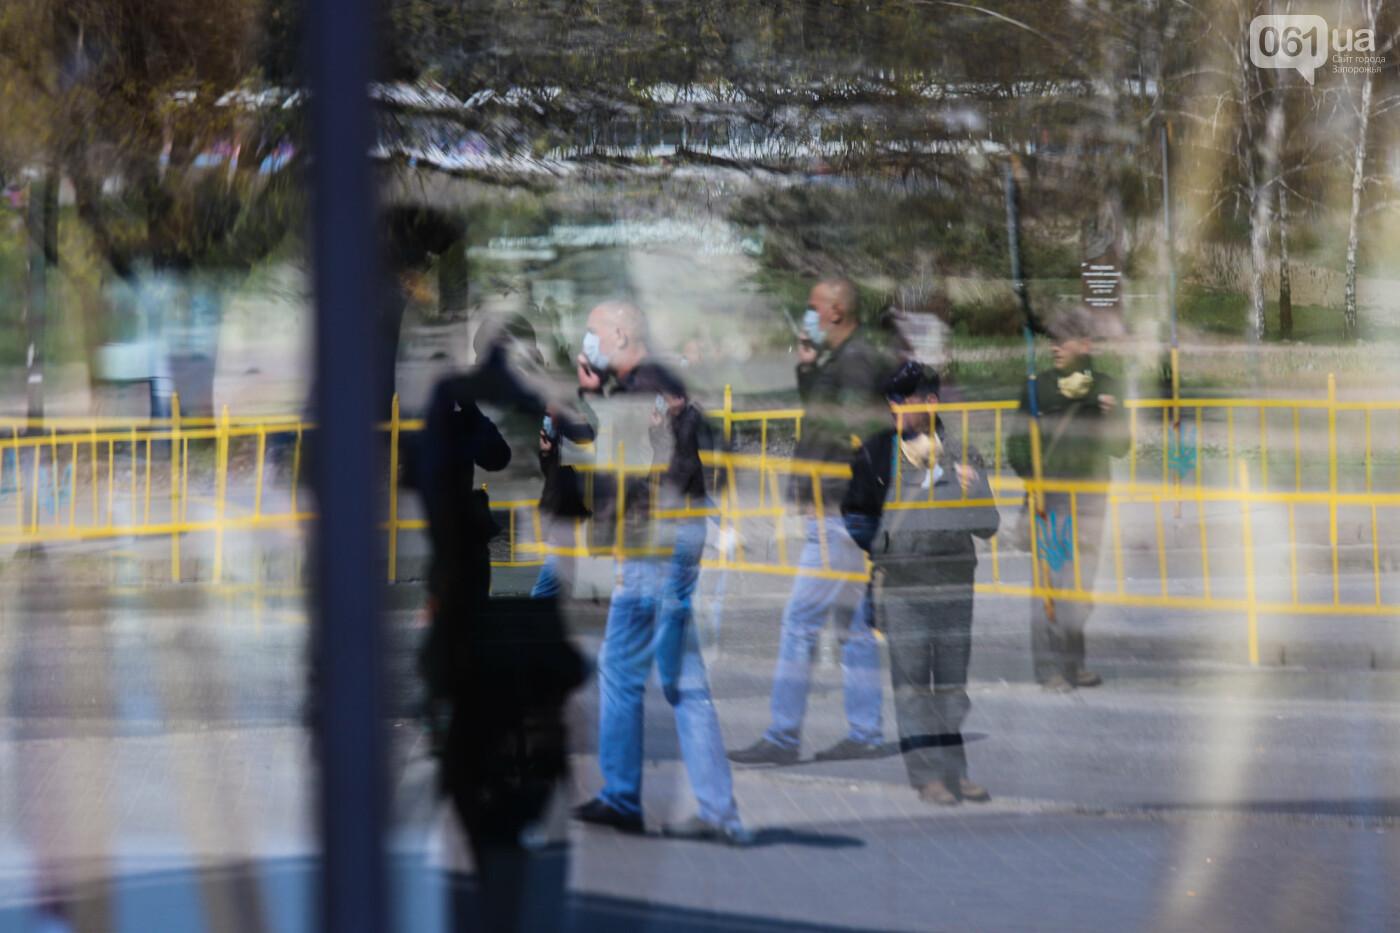 Вход только в масках: как выглядит Запорожье на карантине, - ФОТОРЕПОРТАЖ, фото-30